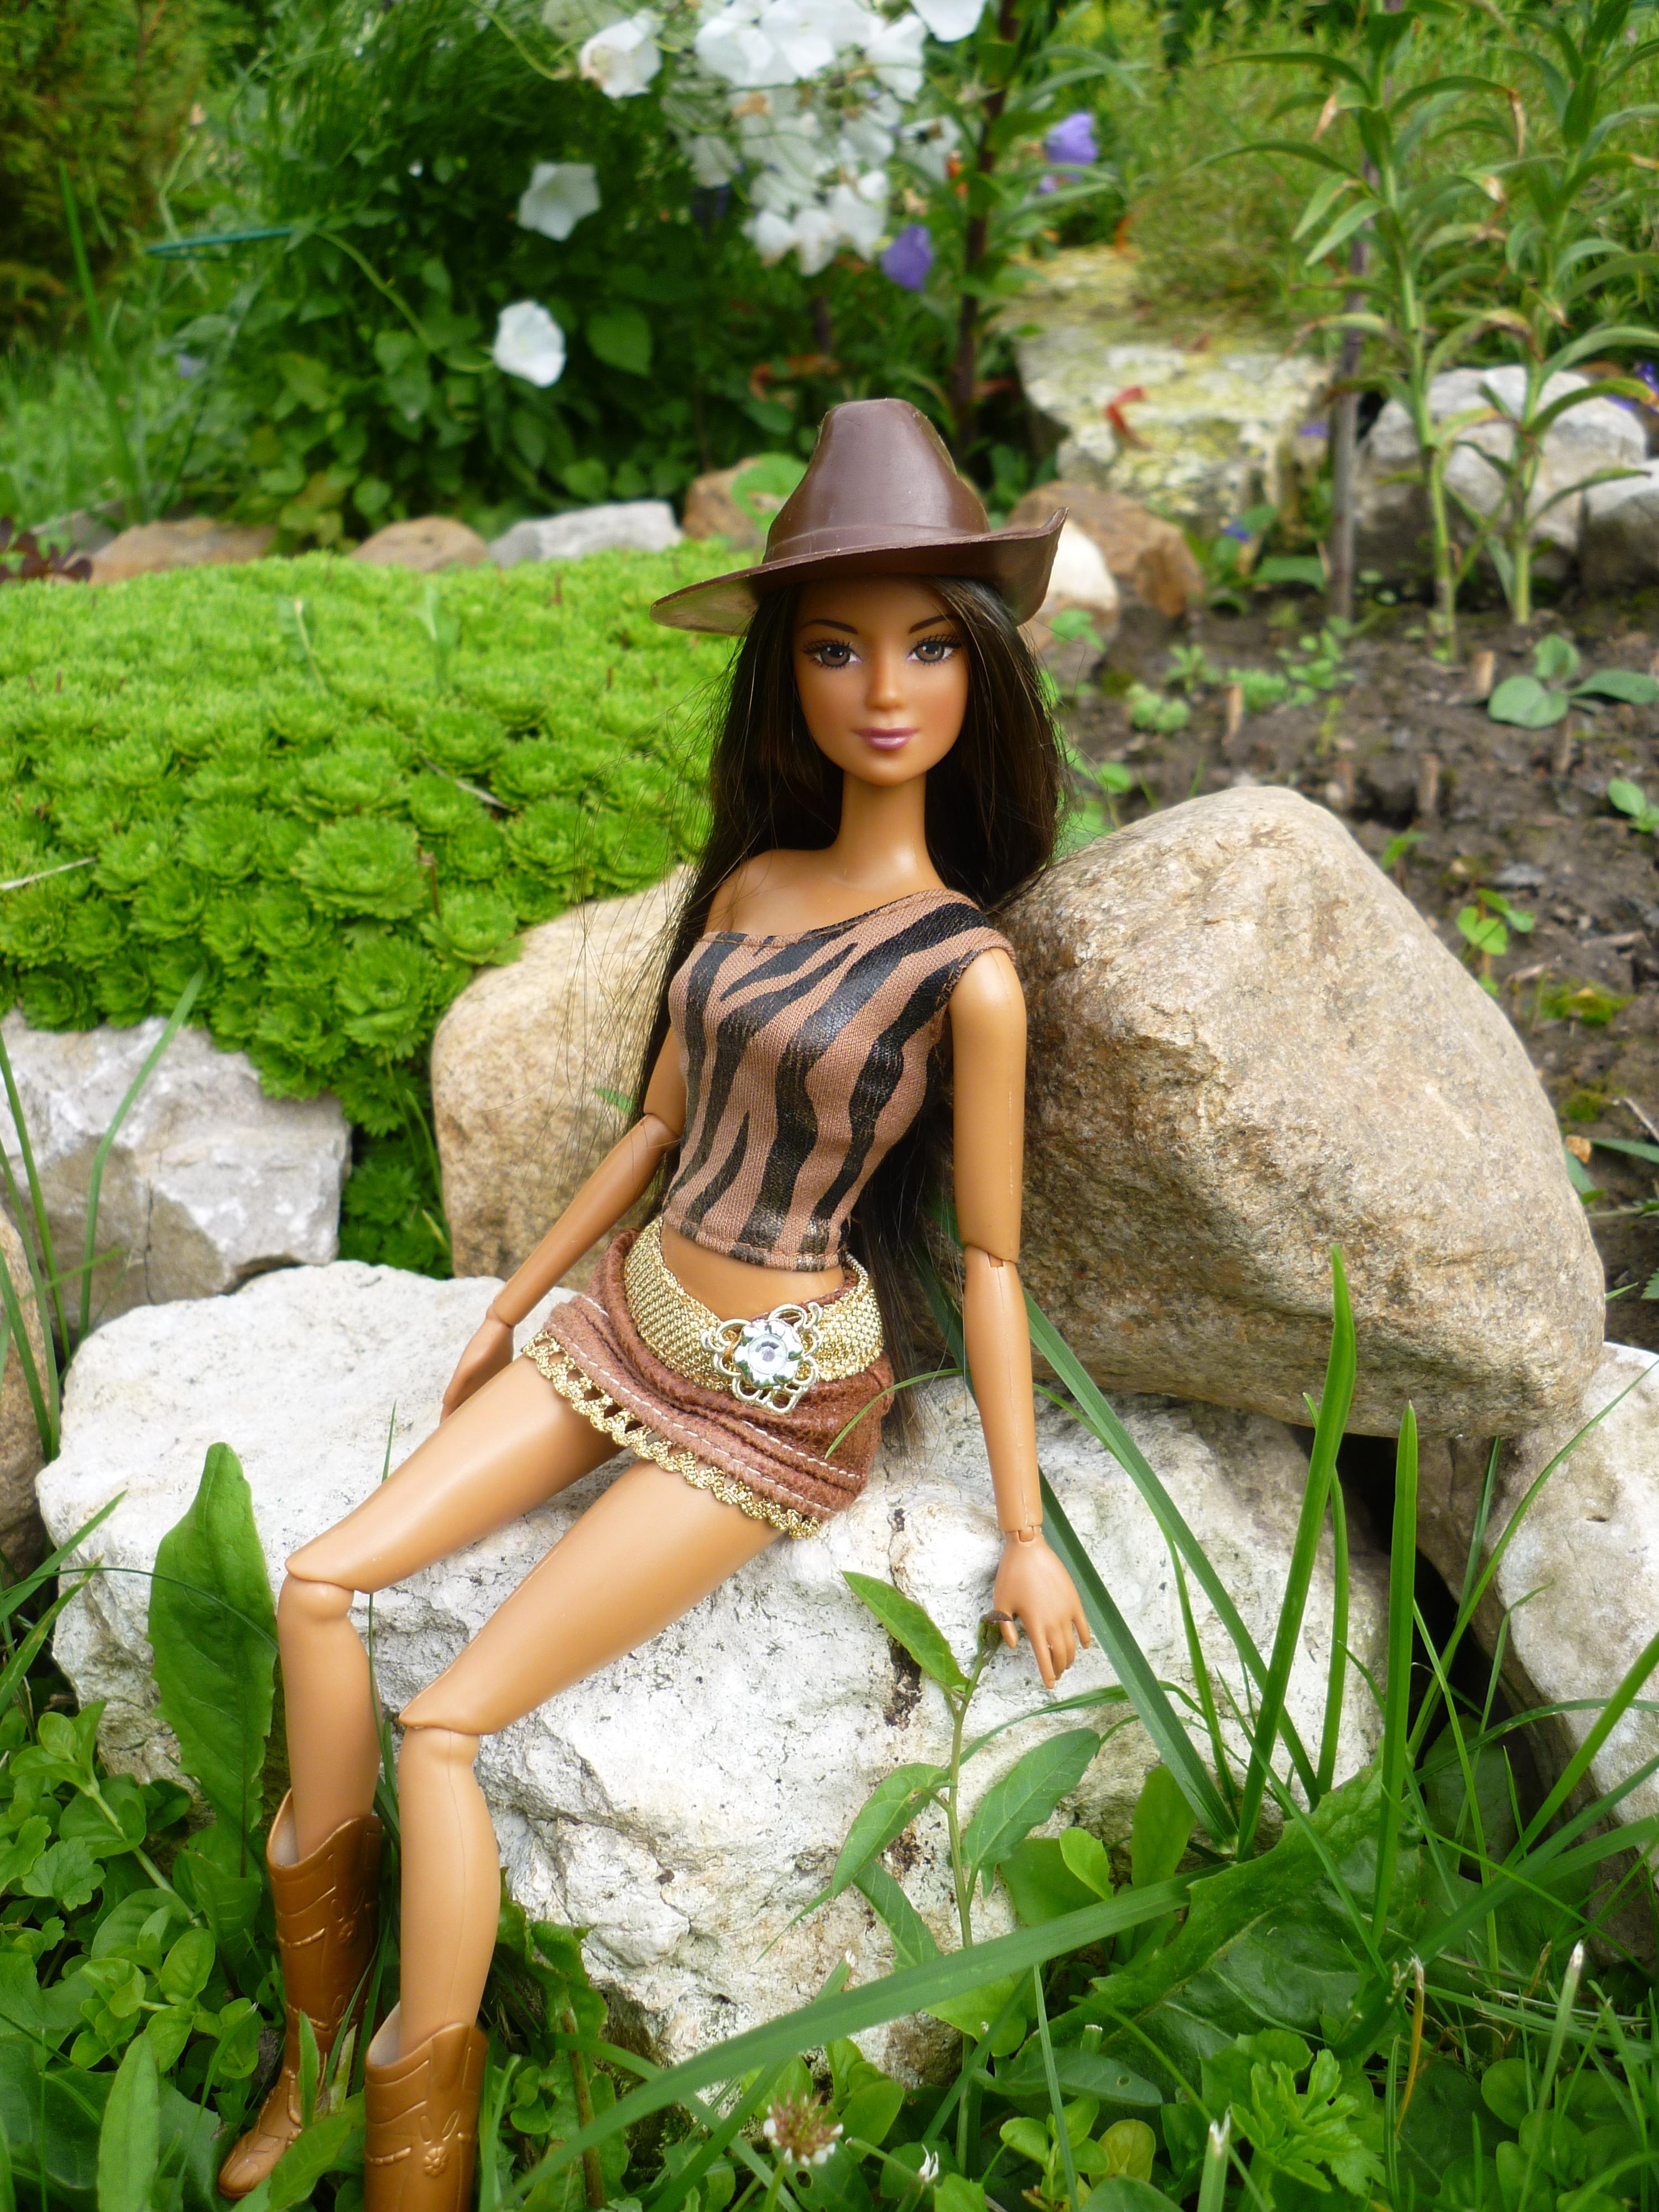 Cali Girl Horseback Riding Lea 2004